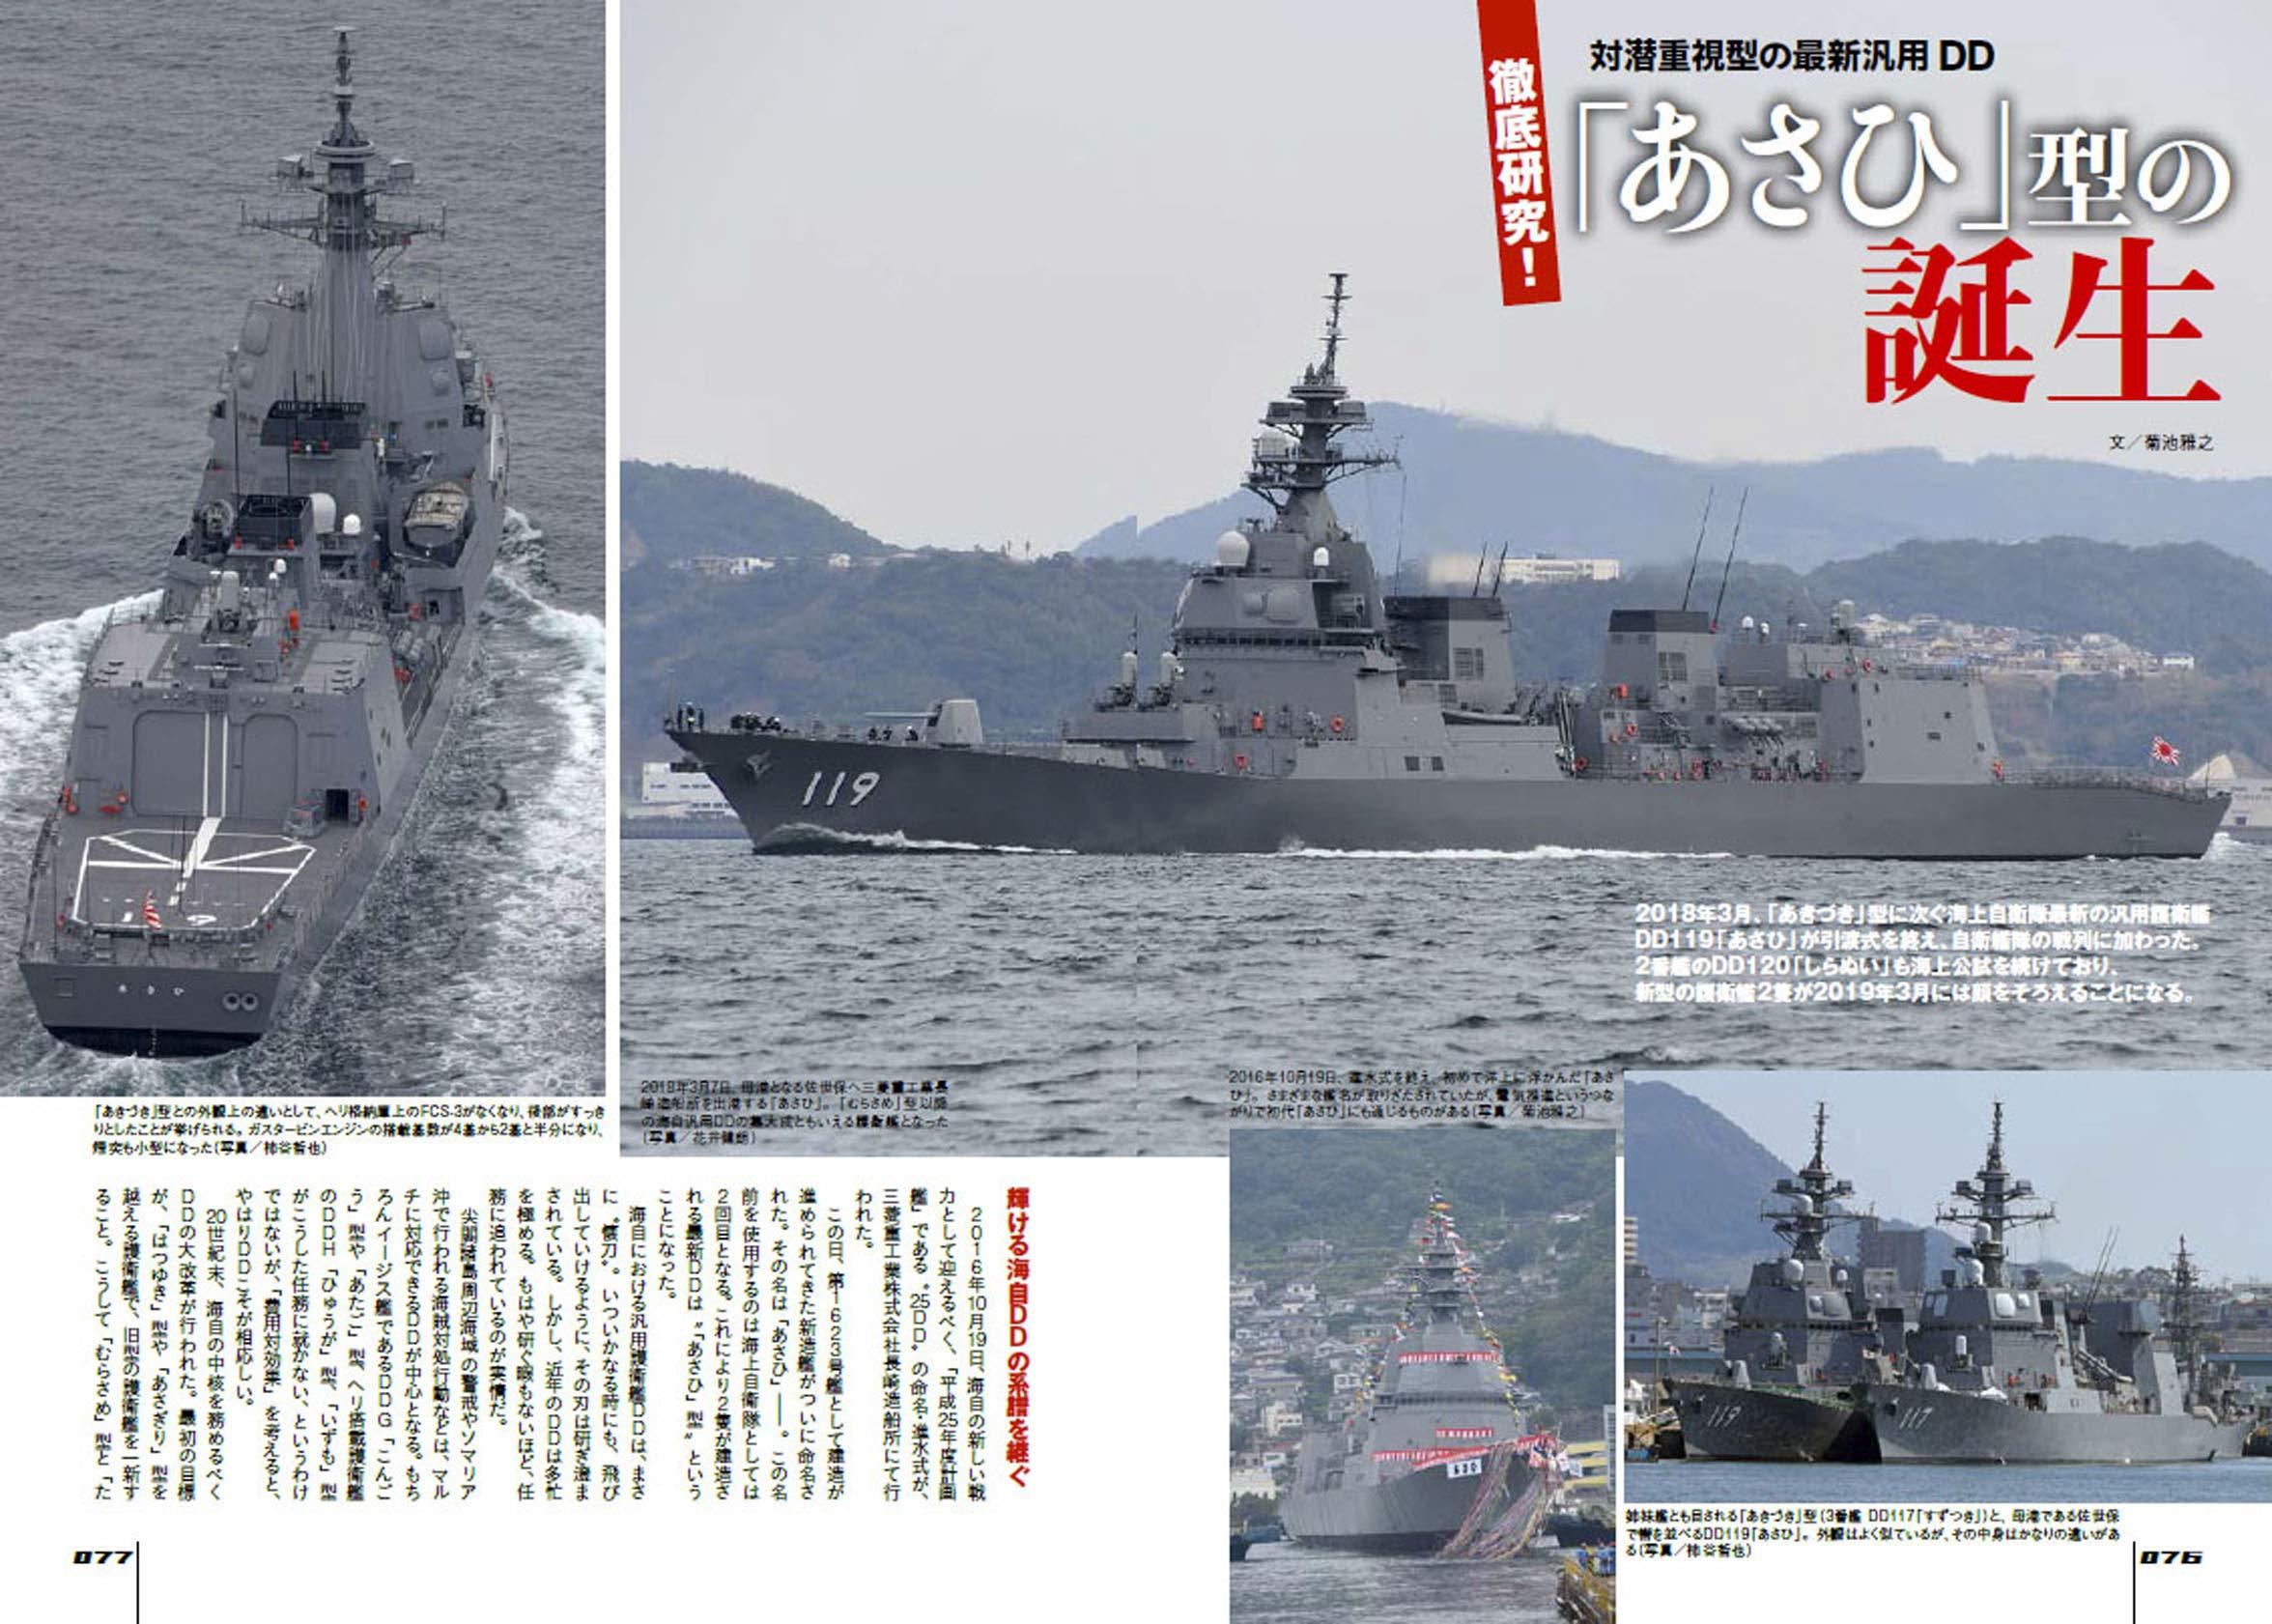 海上自衛隊「あさひ」型護衛艦 モデリングガイド (シリーズ 世界の名艦 スペシャルエディション)